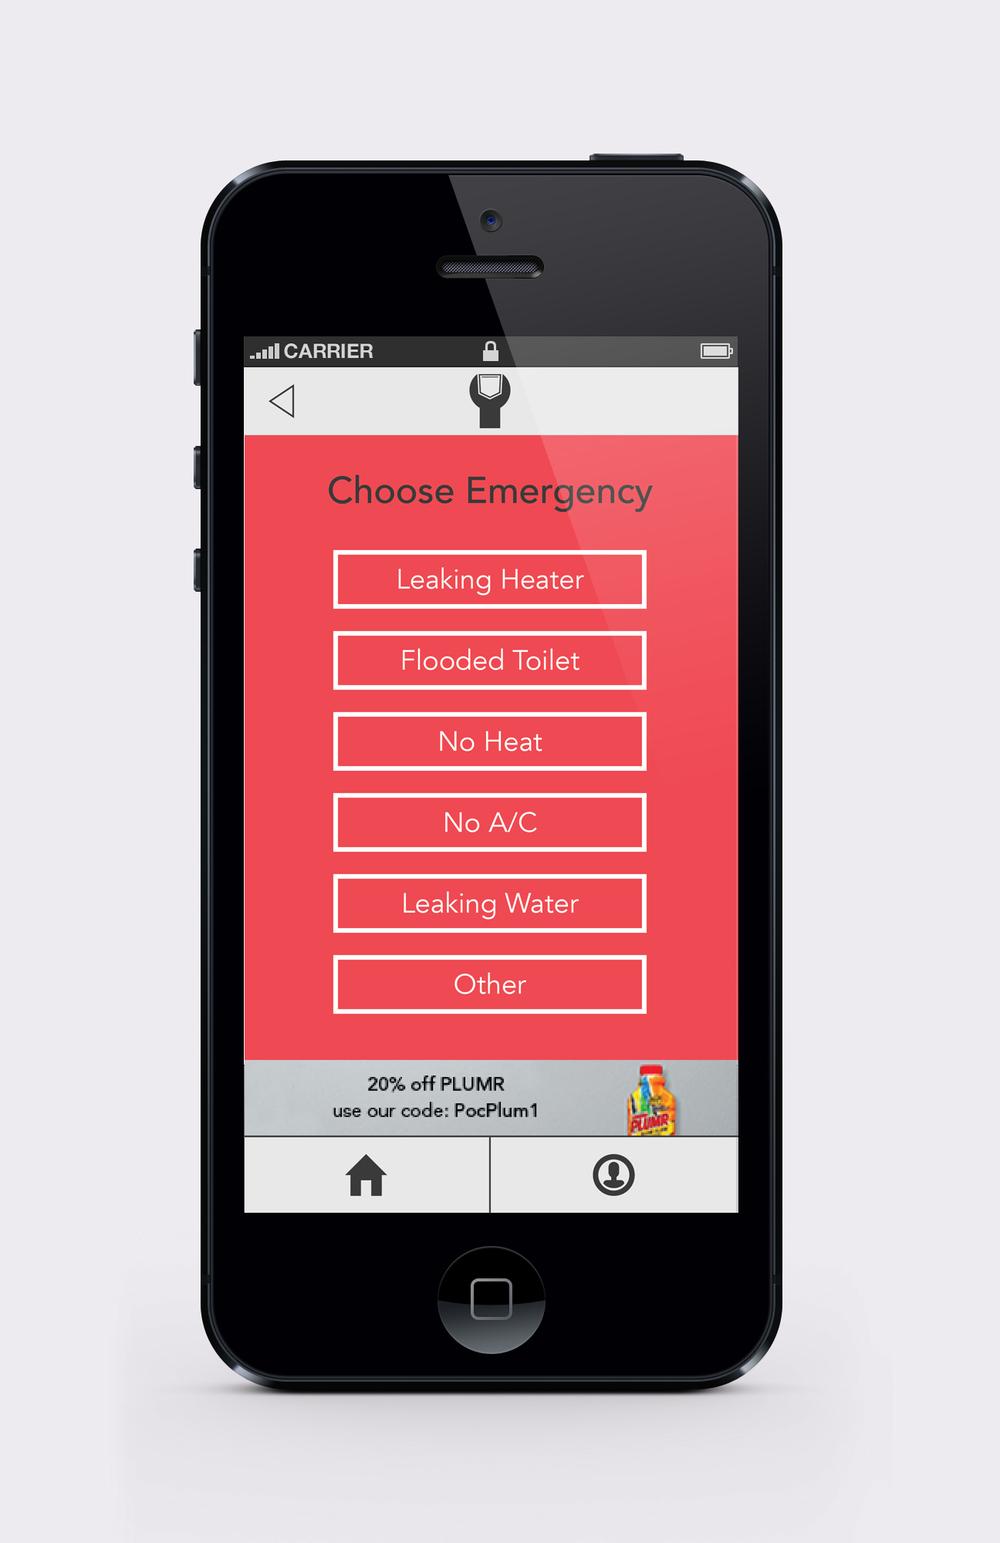 Pocket Plumber choose emergency screen